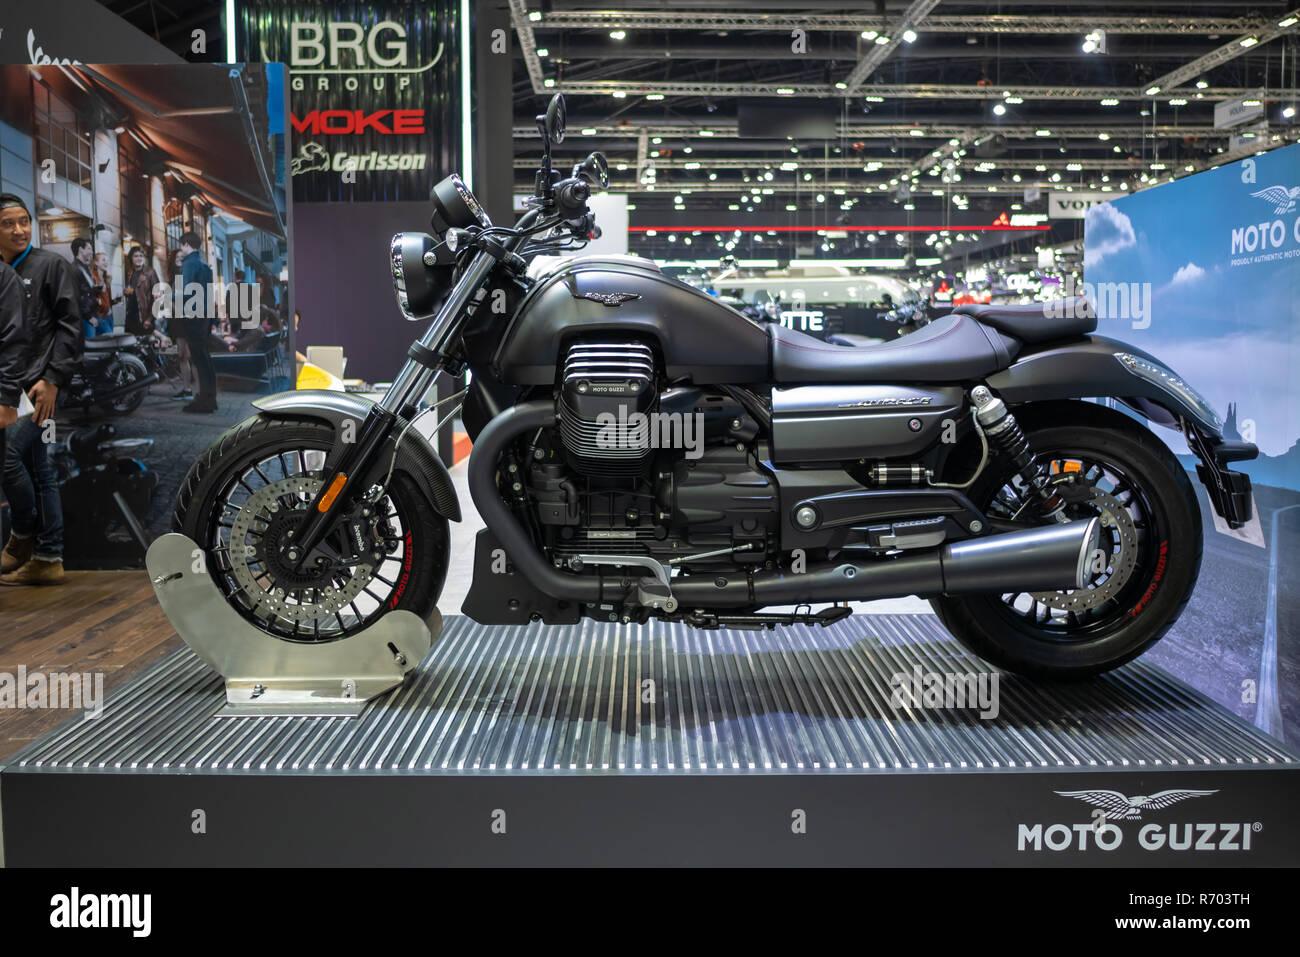 Bangkok, Thailand - November 30, 2018 : Motorcycle and accessory at